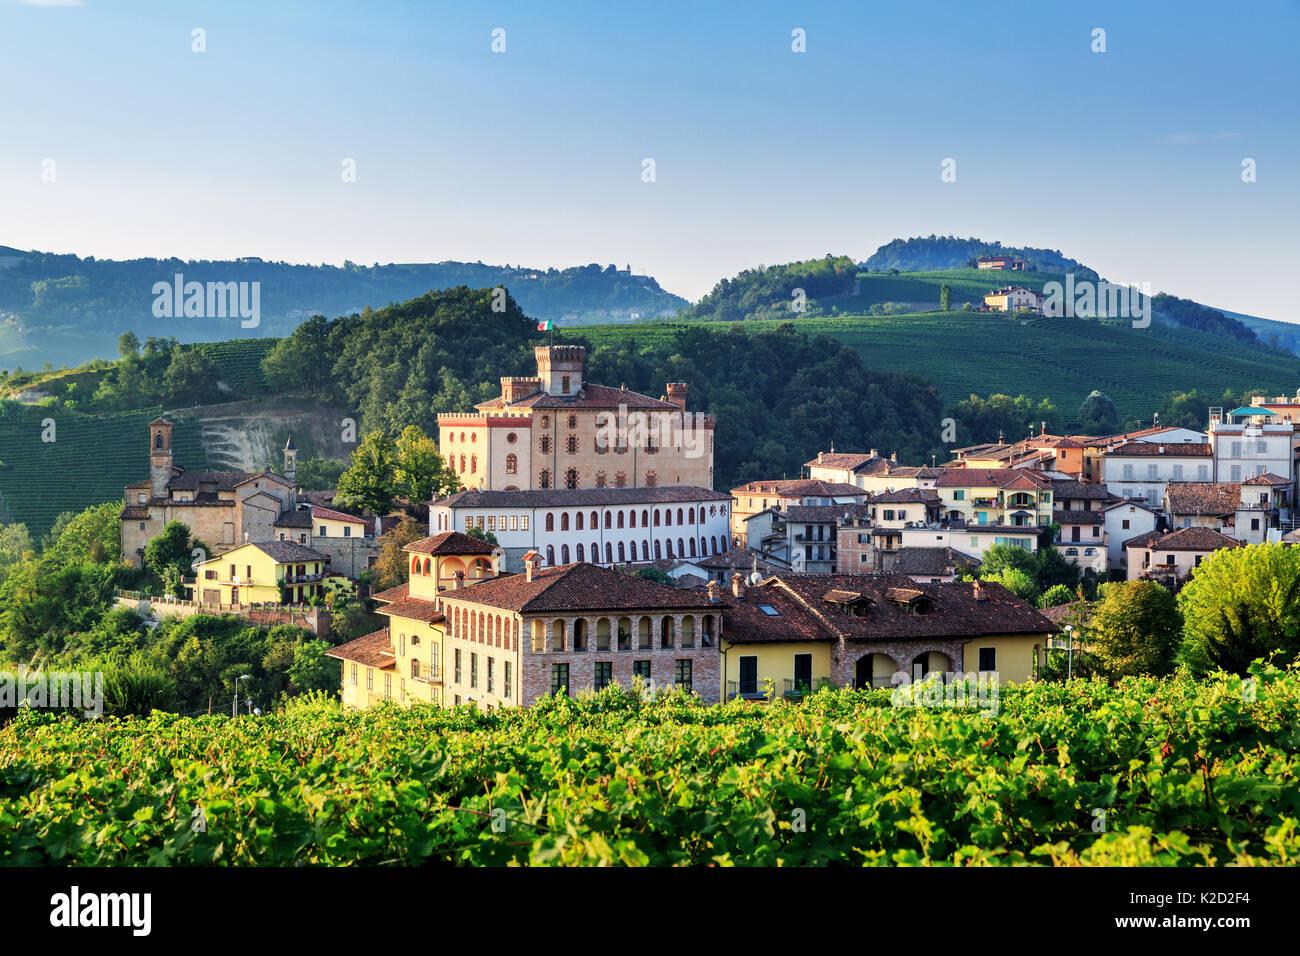 Villaggio di Barolo con Castello di Barolo, Castello di Barolo, Piemonte, Italia Immagini Stock